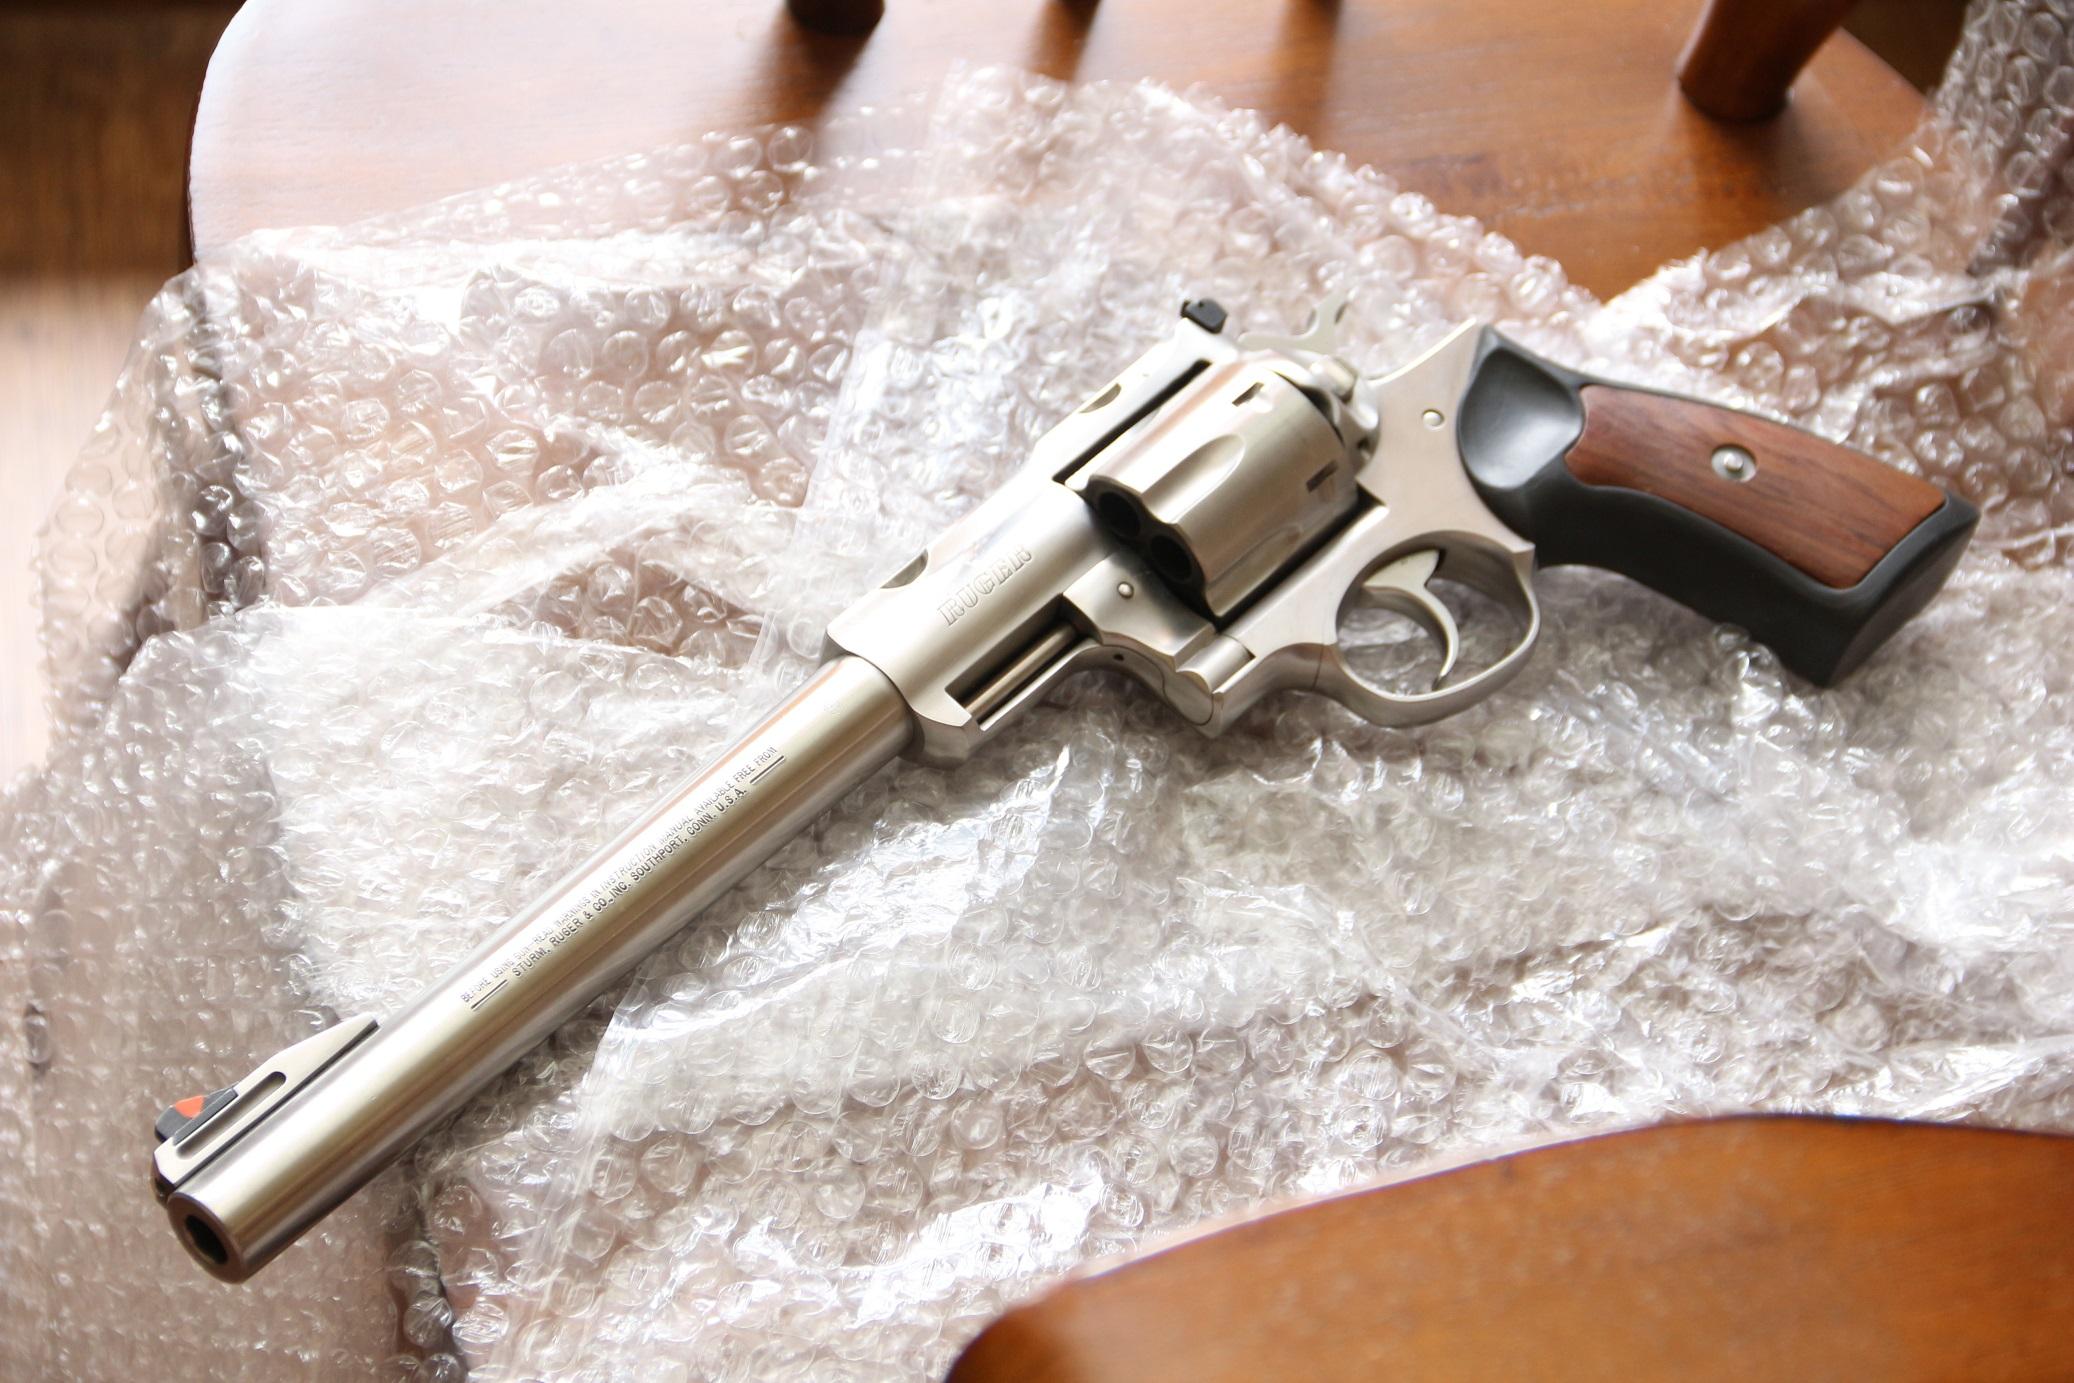 Револьвер Ruger Super Redhawk #550-91770, 44 magnum